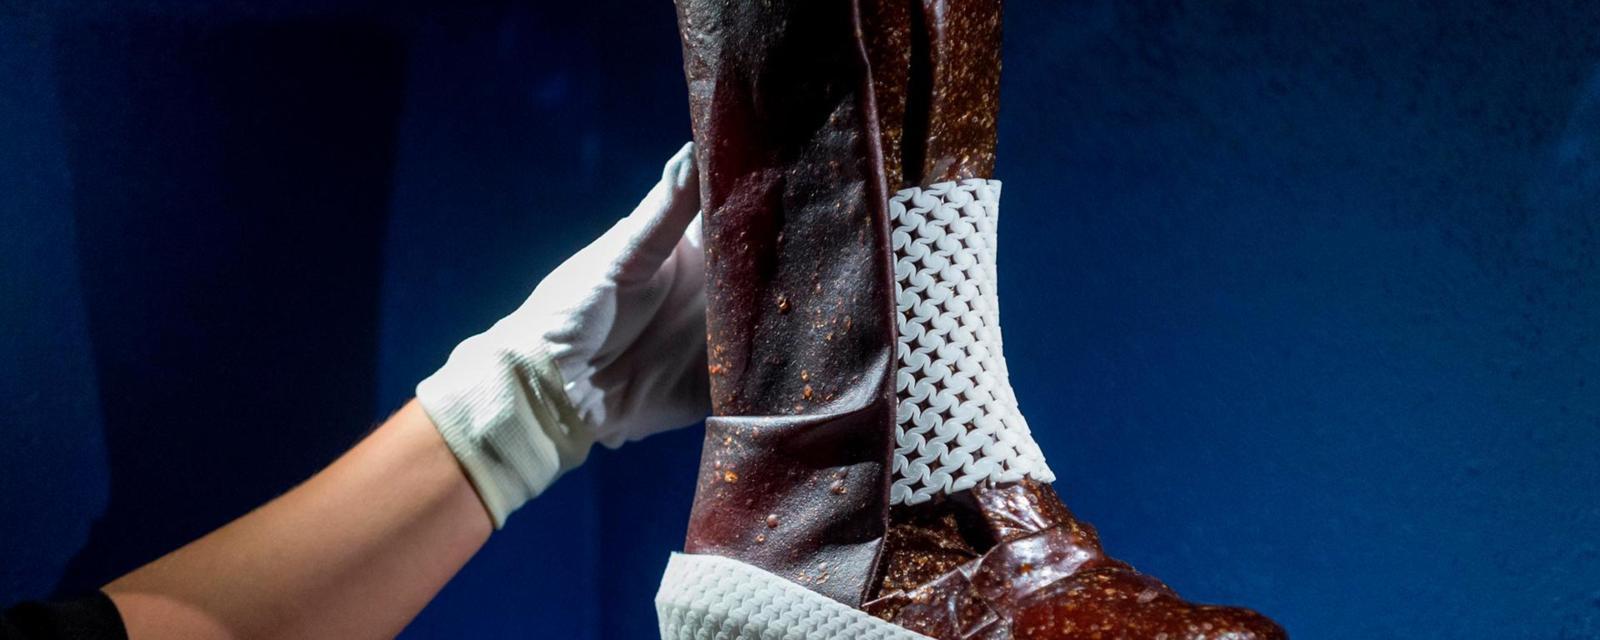 可以在飞船上生产的靴子, 竟是用汗液和真菌做成的